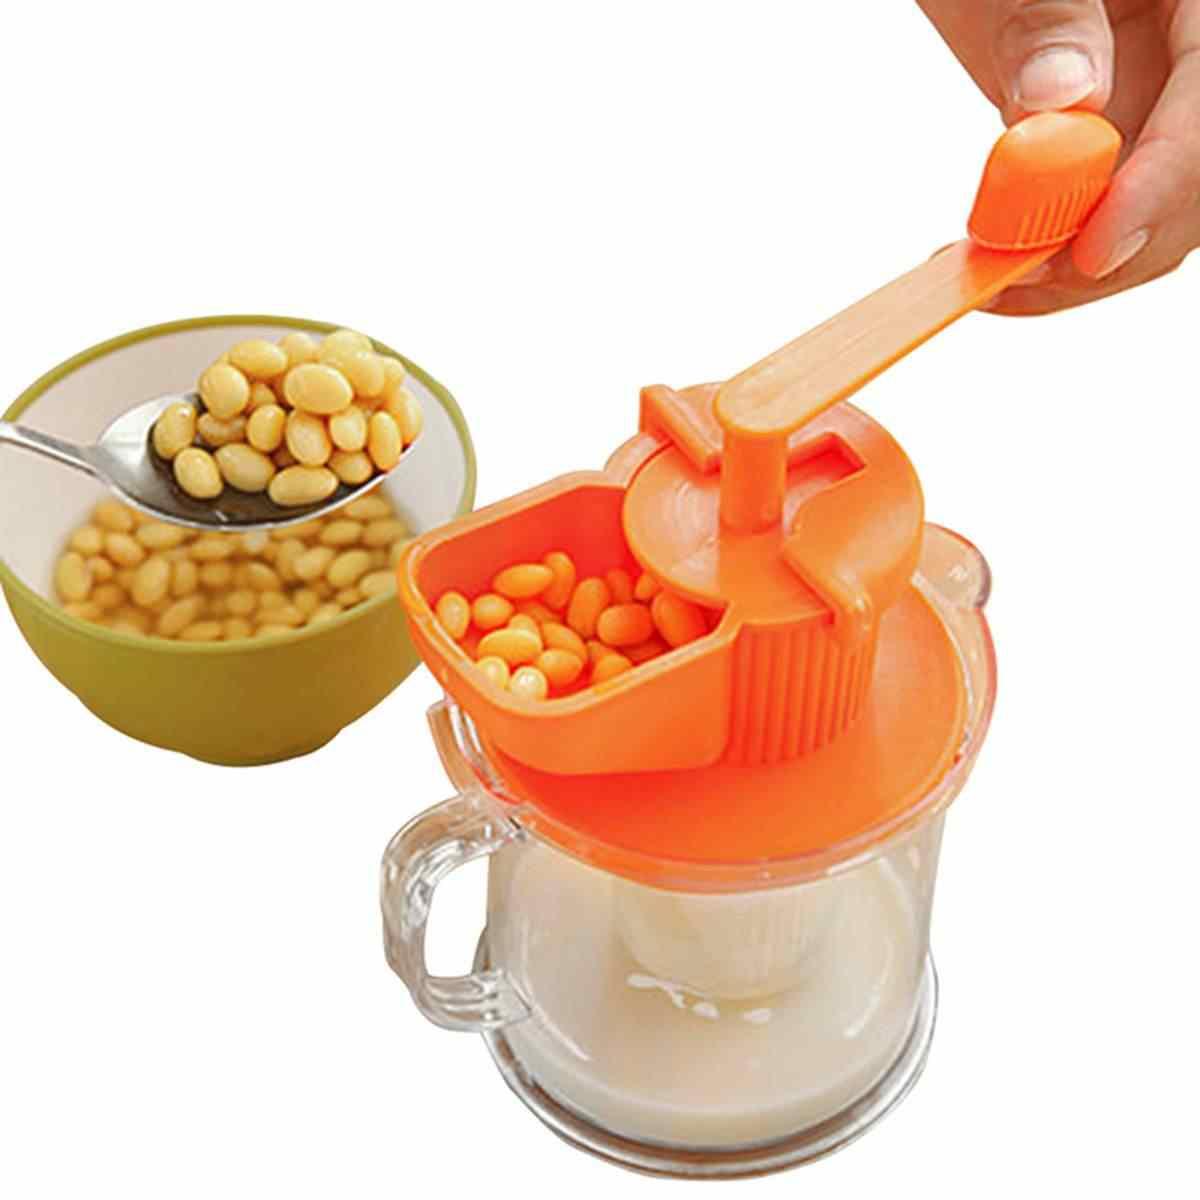 400ml mini manual máquina de suco de soja fabricante de leite de soja frutas legumes mão espremedor de 14.5x9.5x9.5 cm plástico de grau alimentício